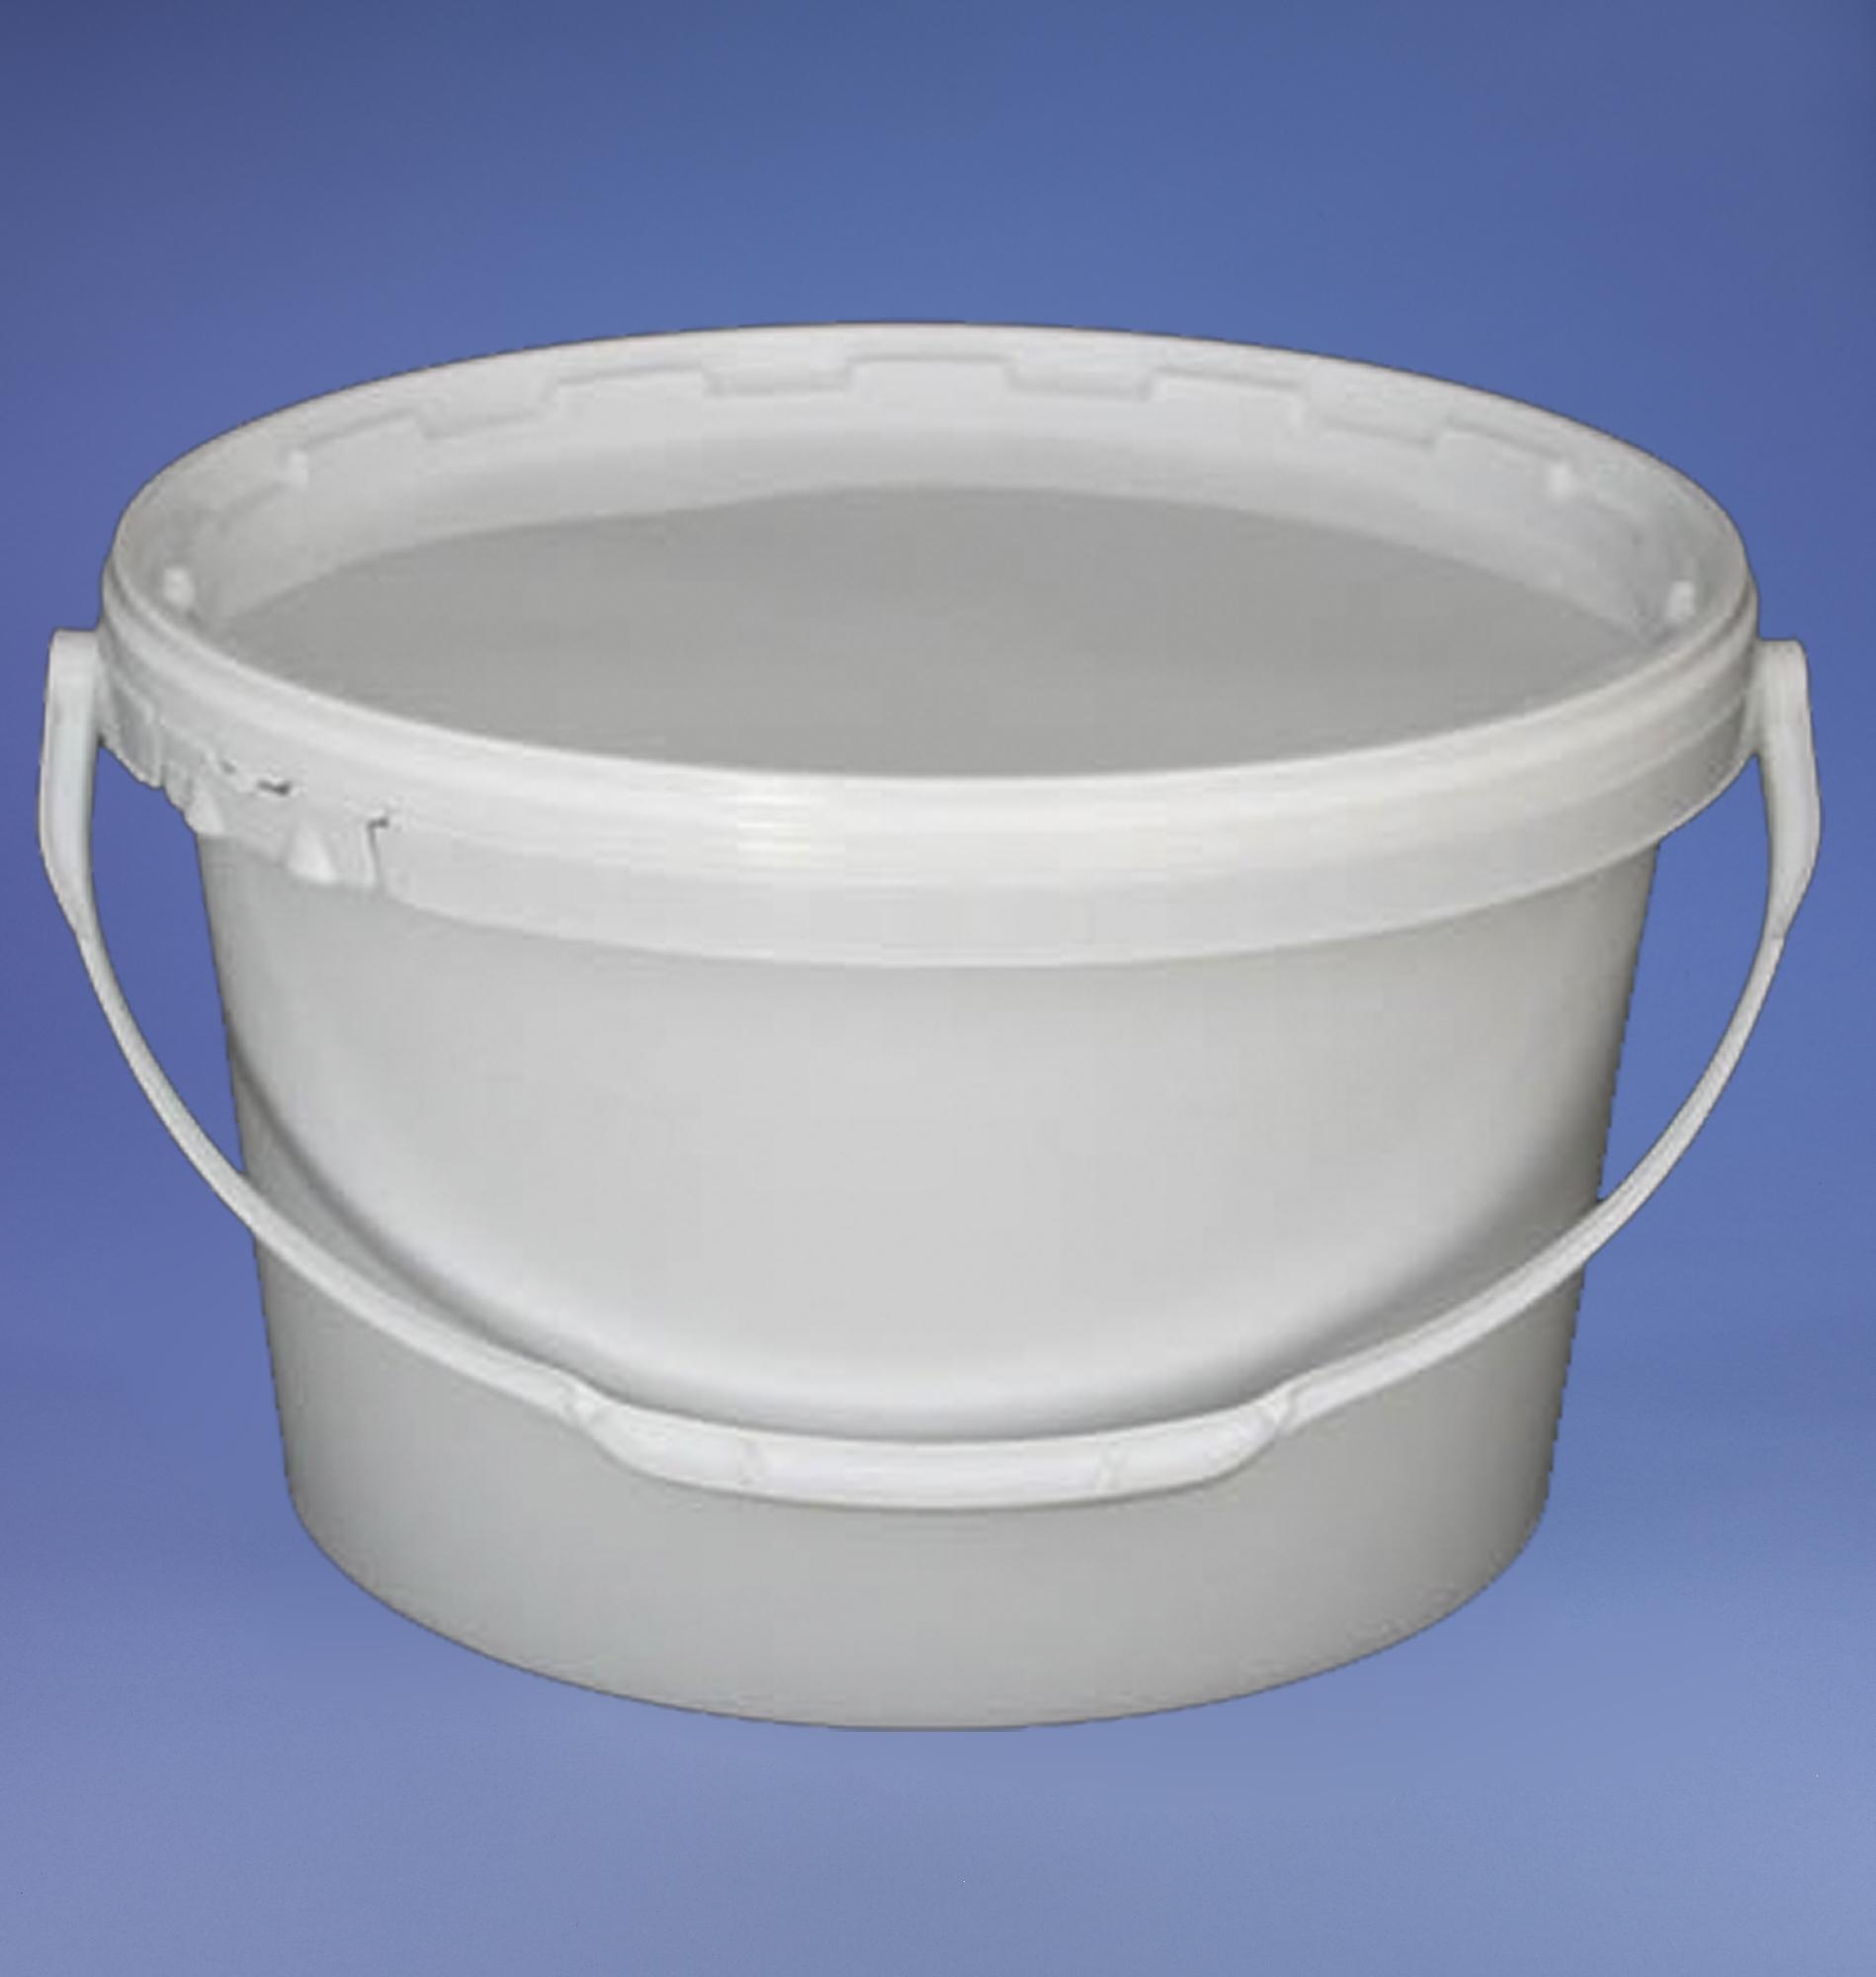 PB11W Oval Bucket 11.3L